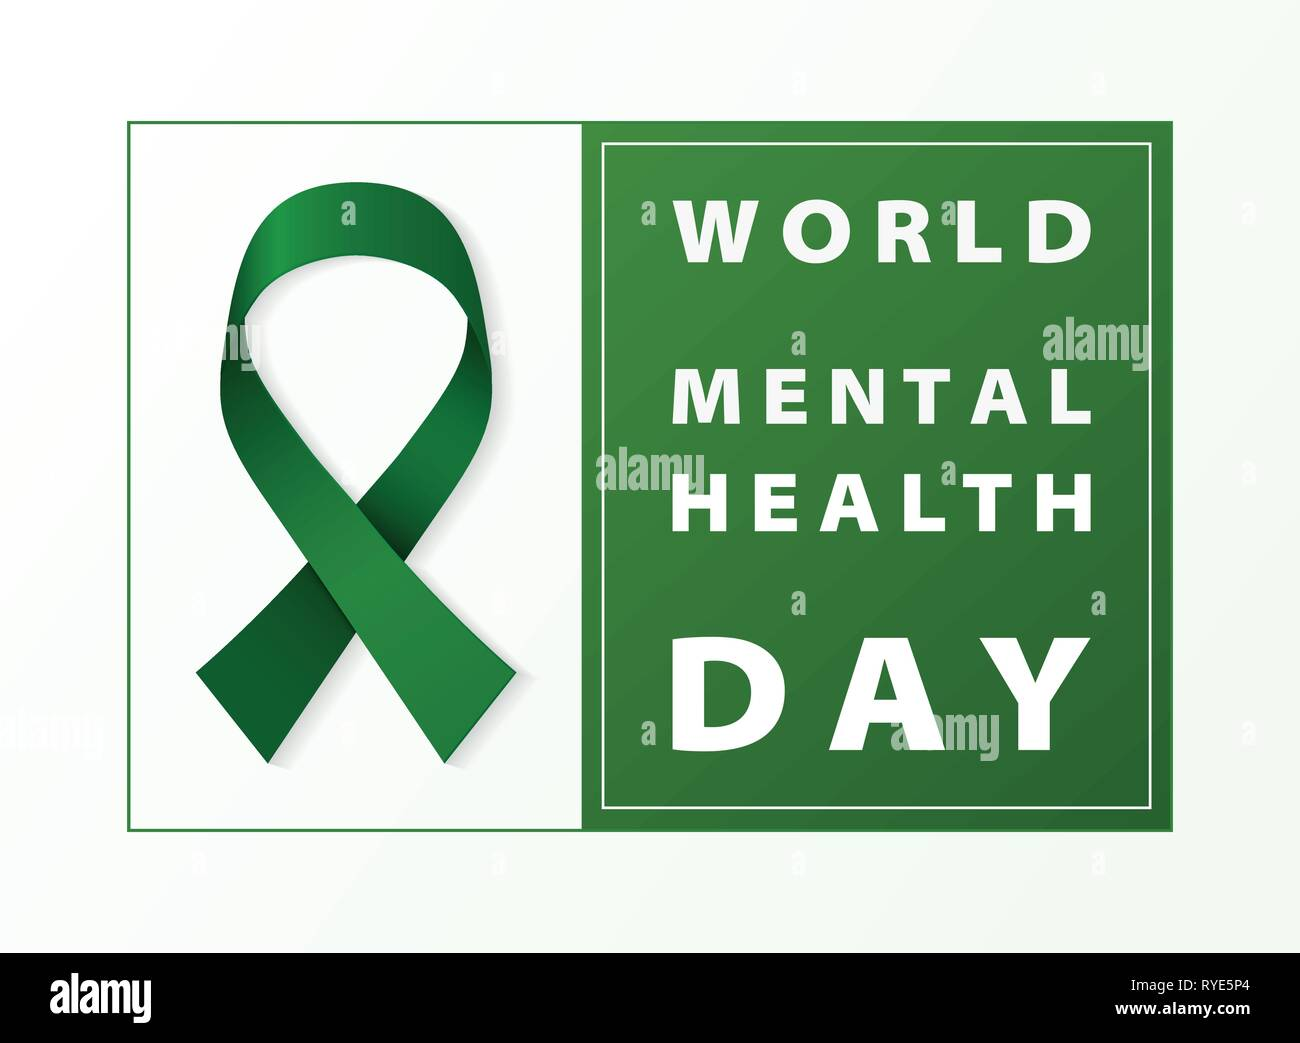 World mental health Day Green Ribbon Karte Hintergrund. Sie können sich für den Weltgesundheitstag am 7. April, ad, Posters, Kampagne Gestaltungsarbeit. illustration Vektor Stockbild